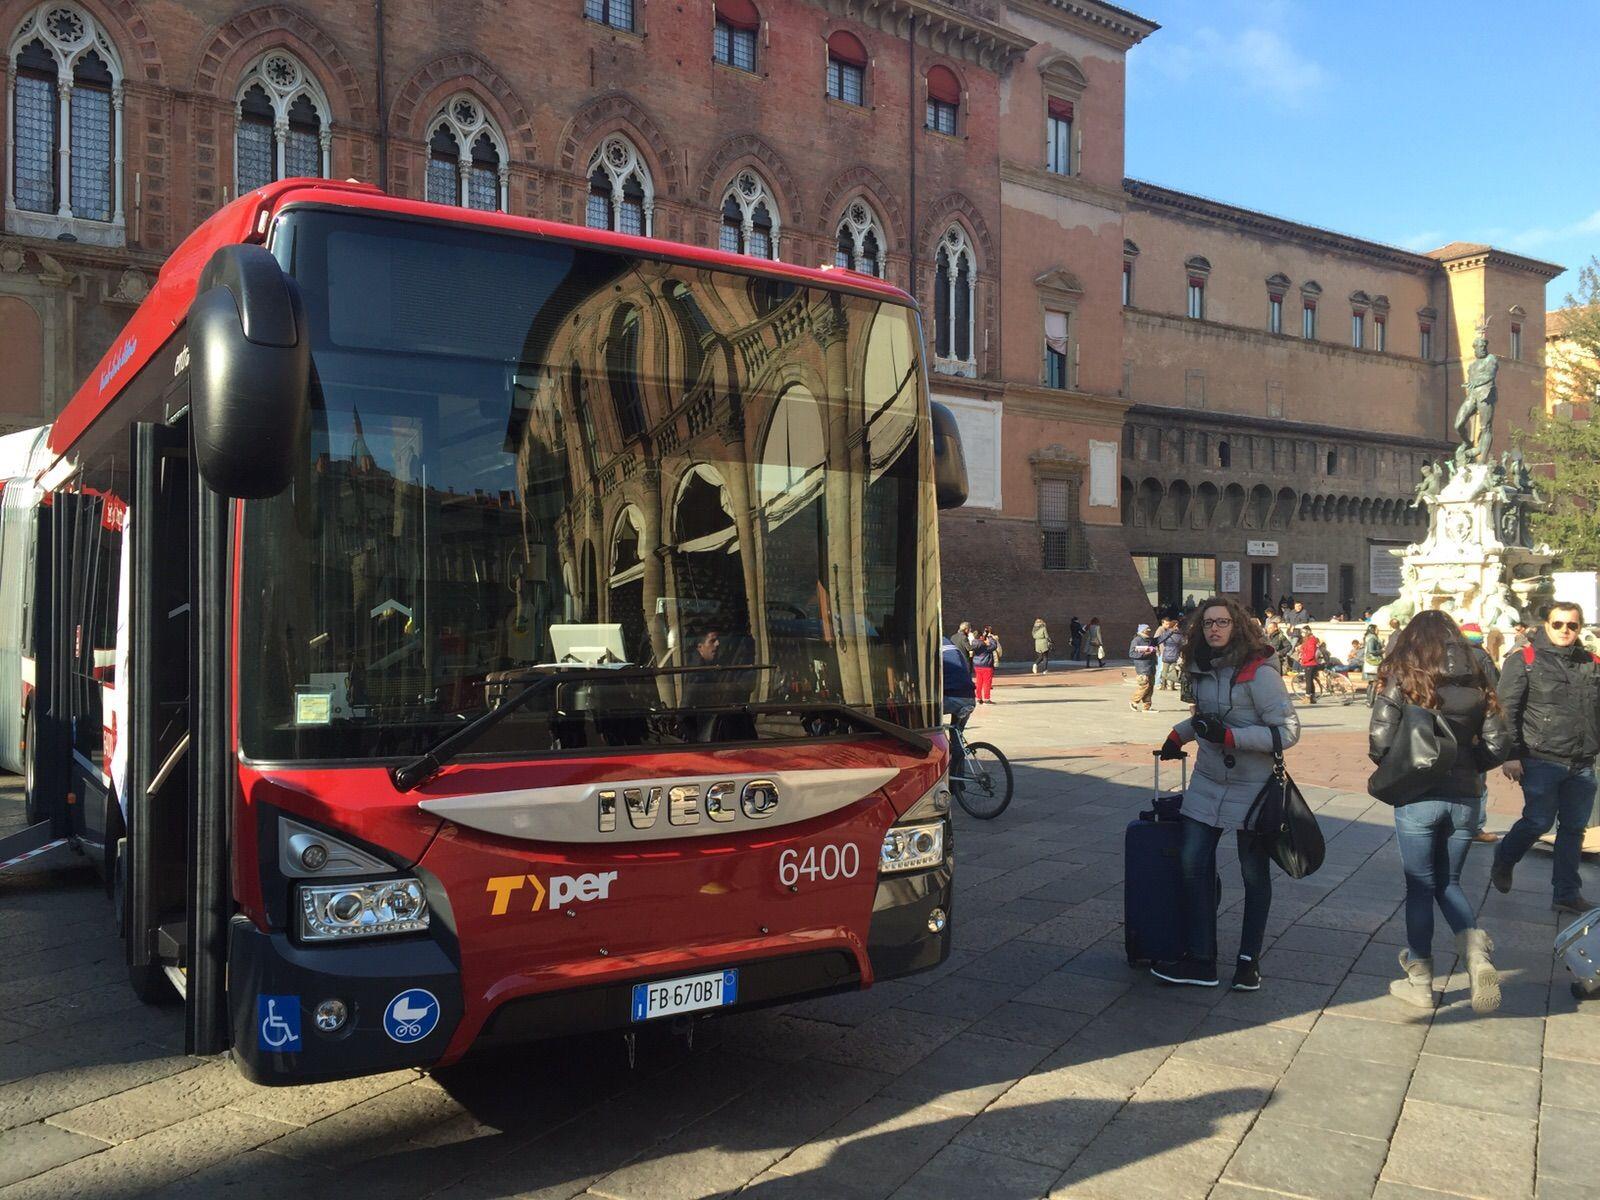 Patto di bologna bus in emilia romagna 600 bus nuovi entro il 2020 autobusweb la rivista del - Orari bus cesena bagno di romagna ...